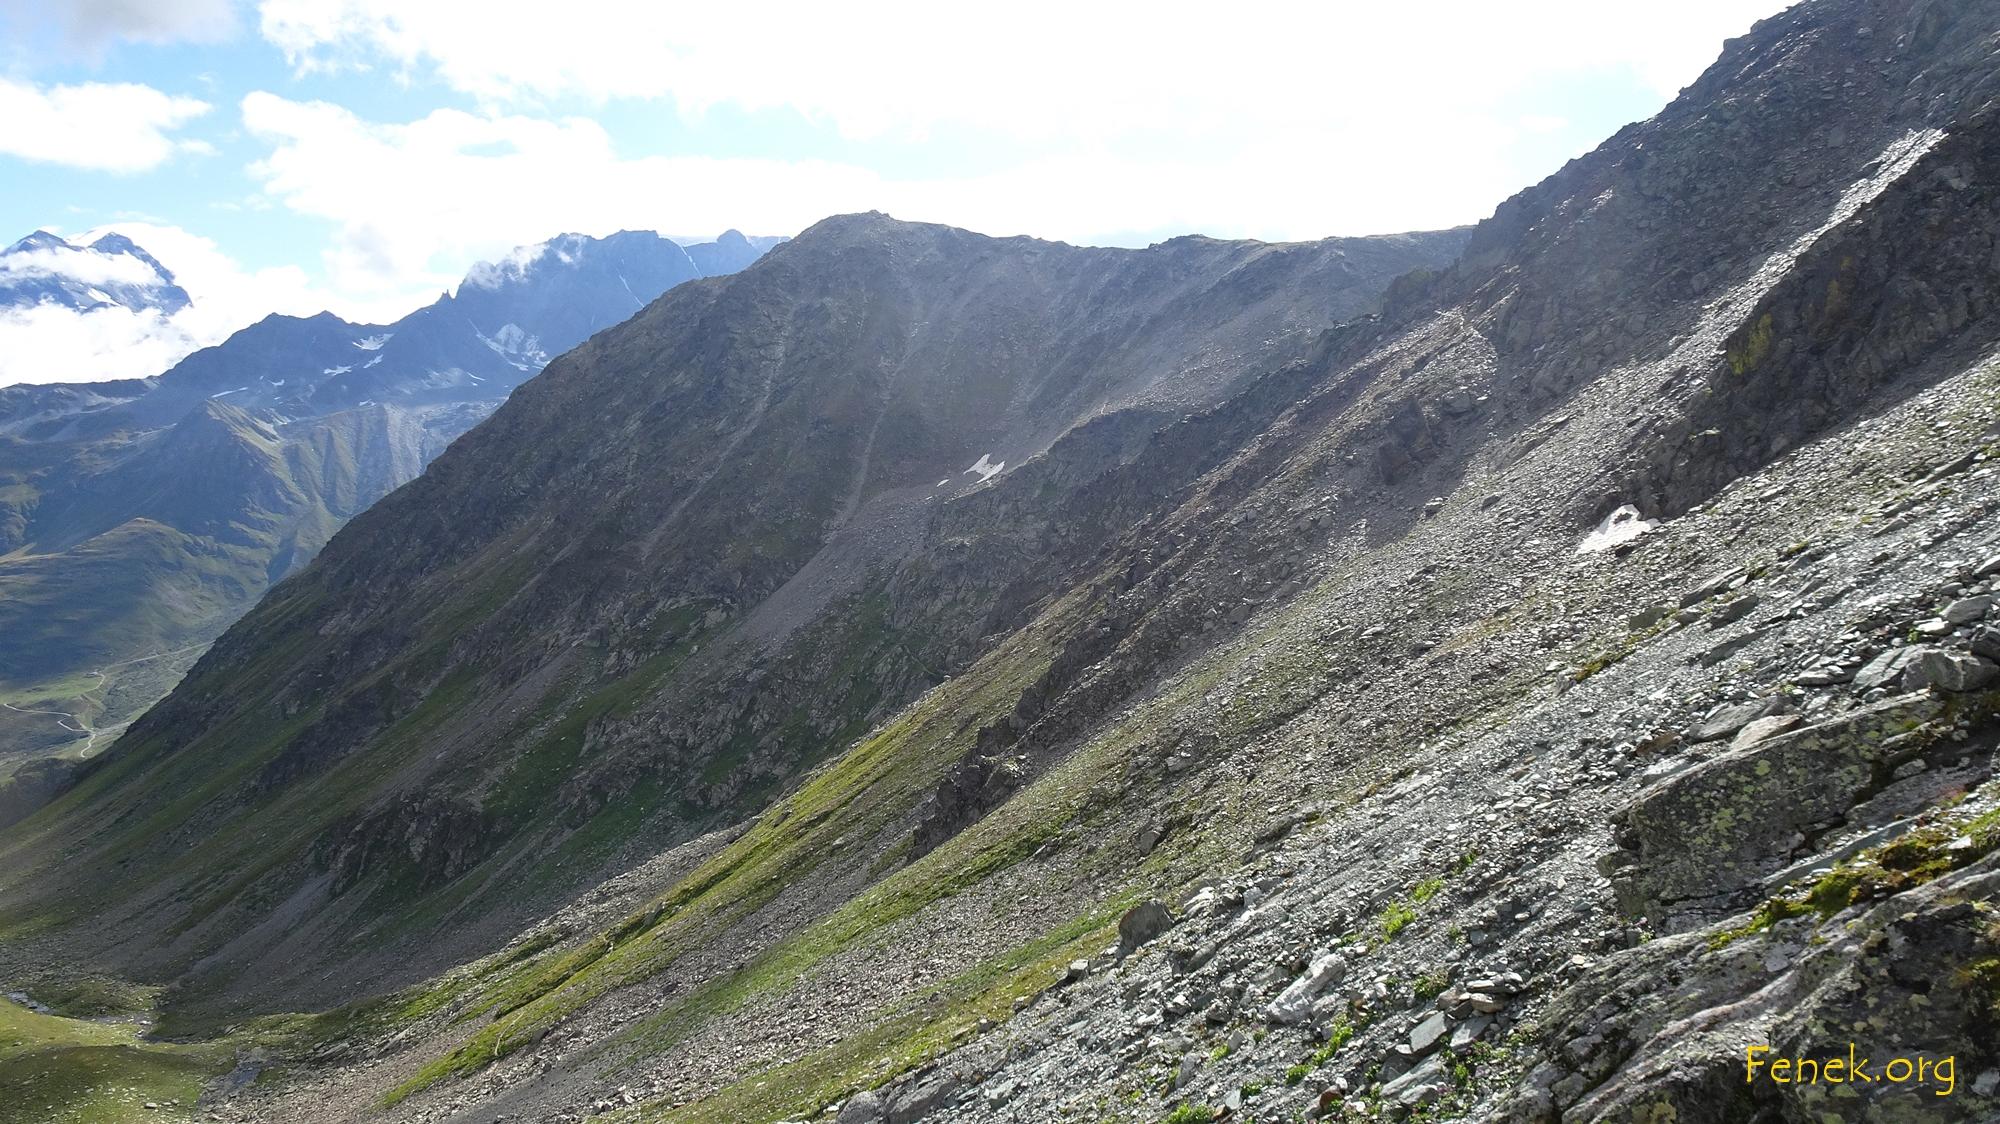 Rückblick zum Nordosthang und dem ersten Gipfel